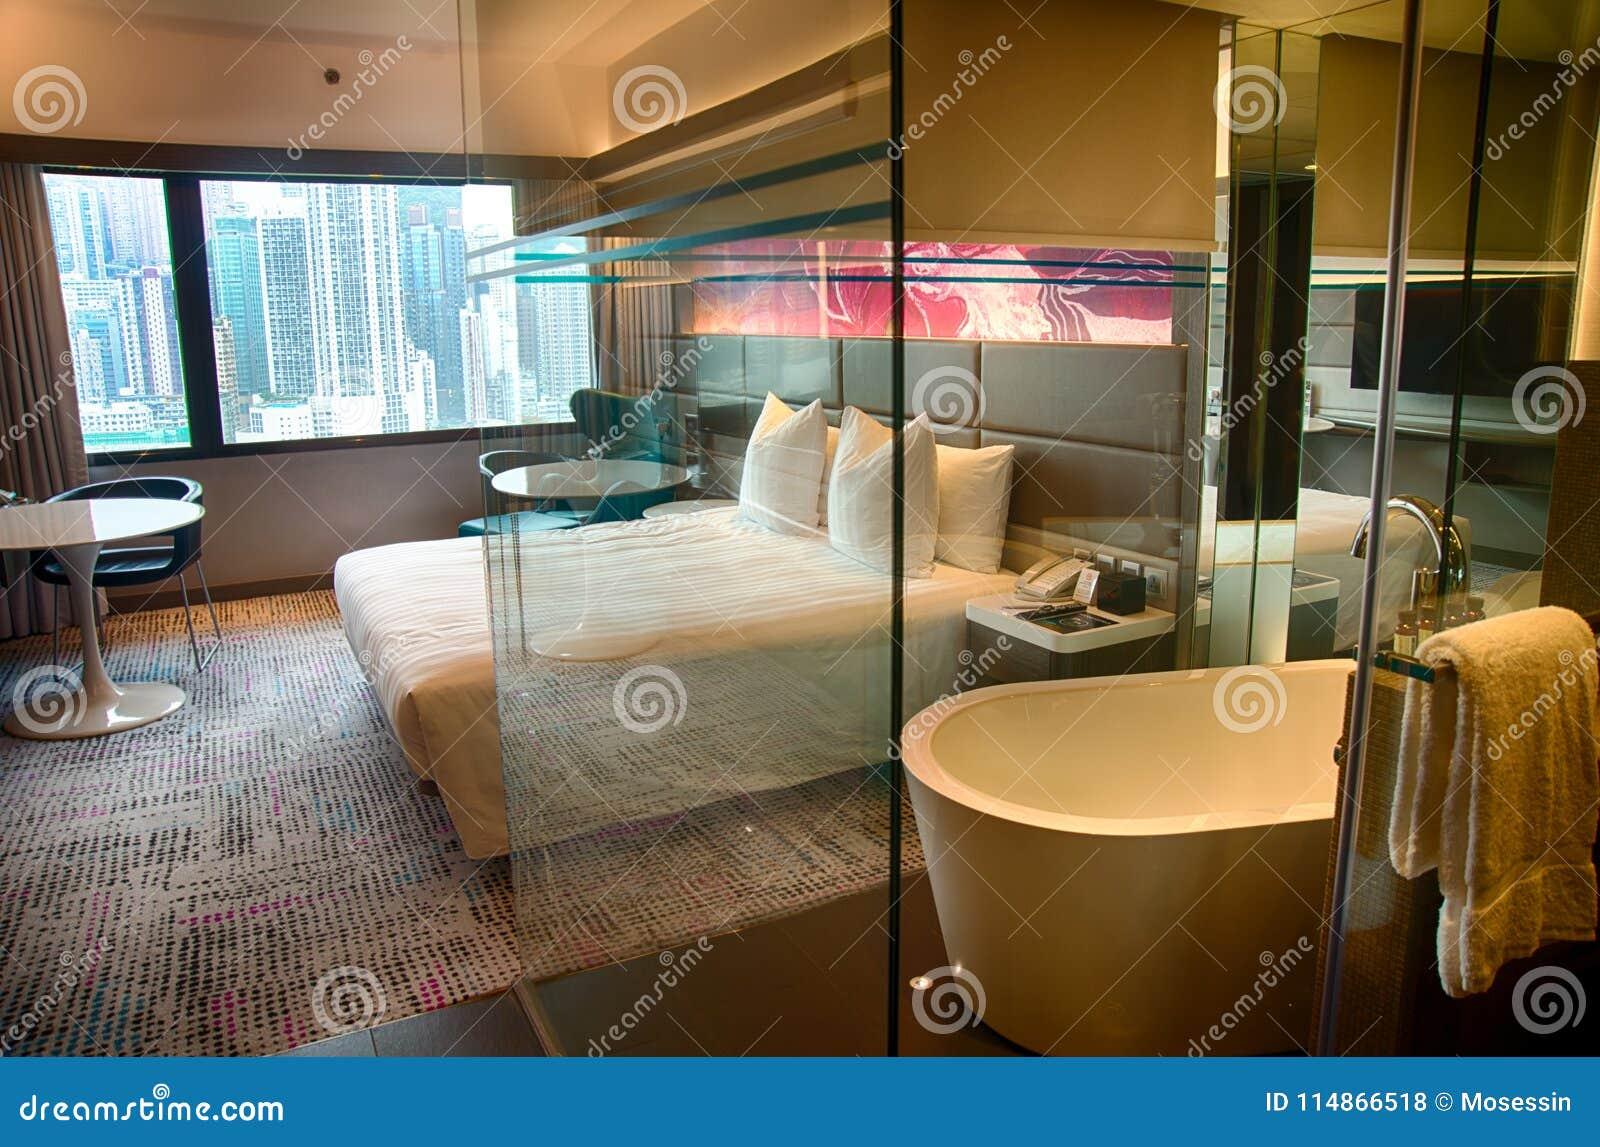 Vasca Da Bagno In Camera Da Letto : Vasca da bagno a vista nella camera da letto foto di grana